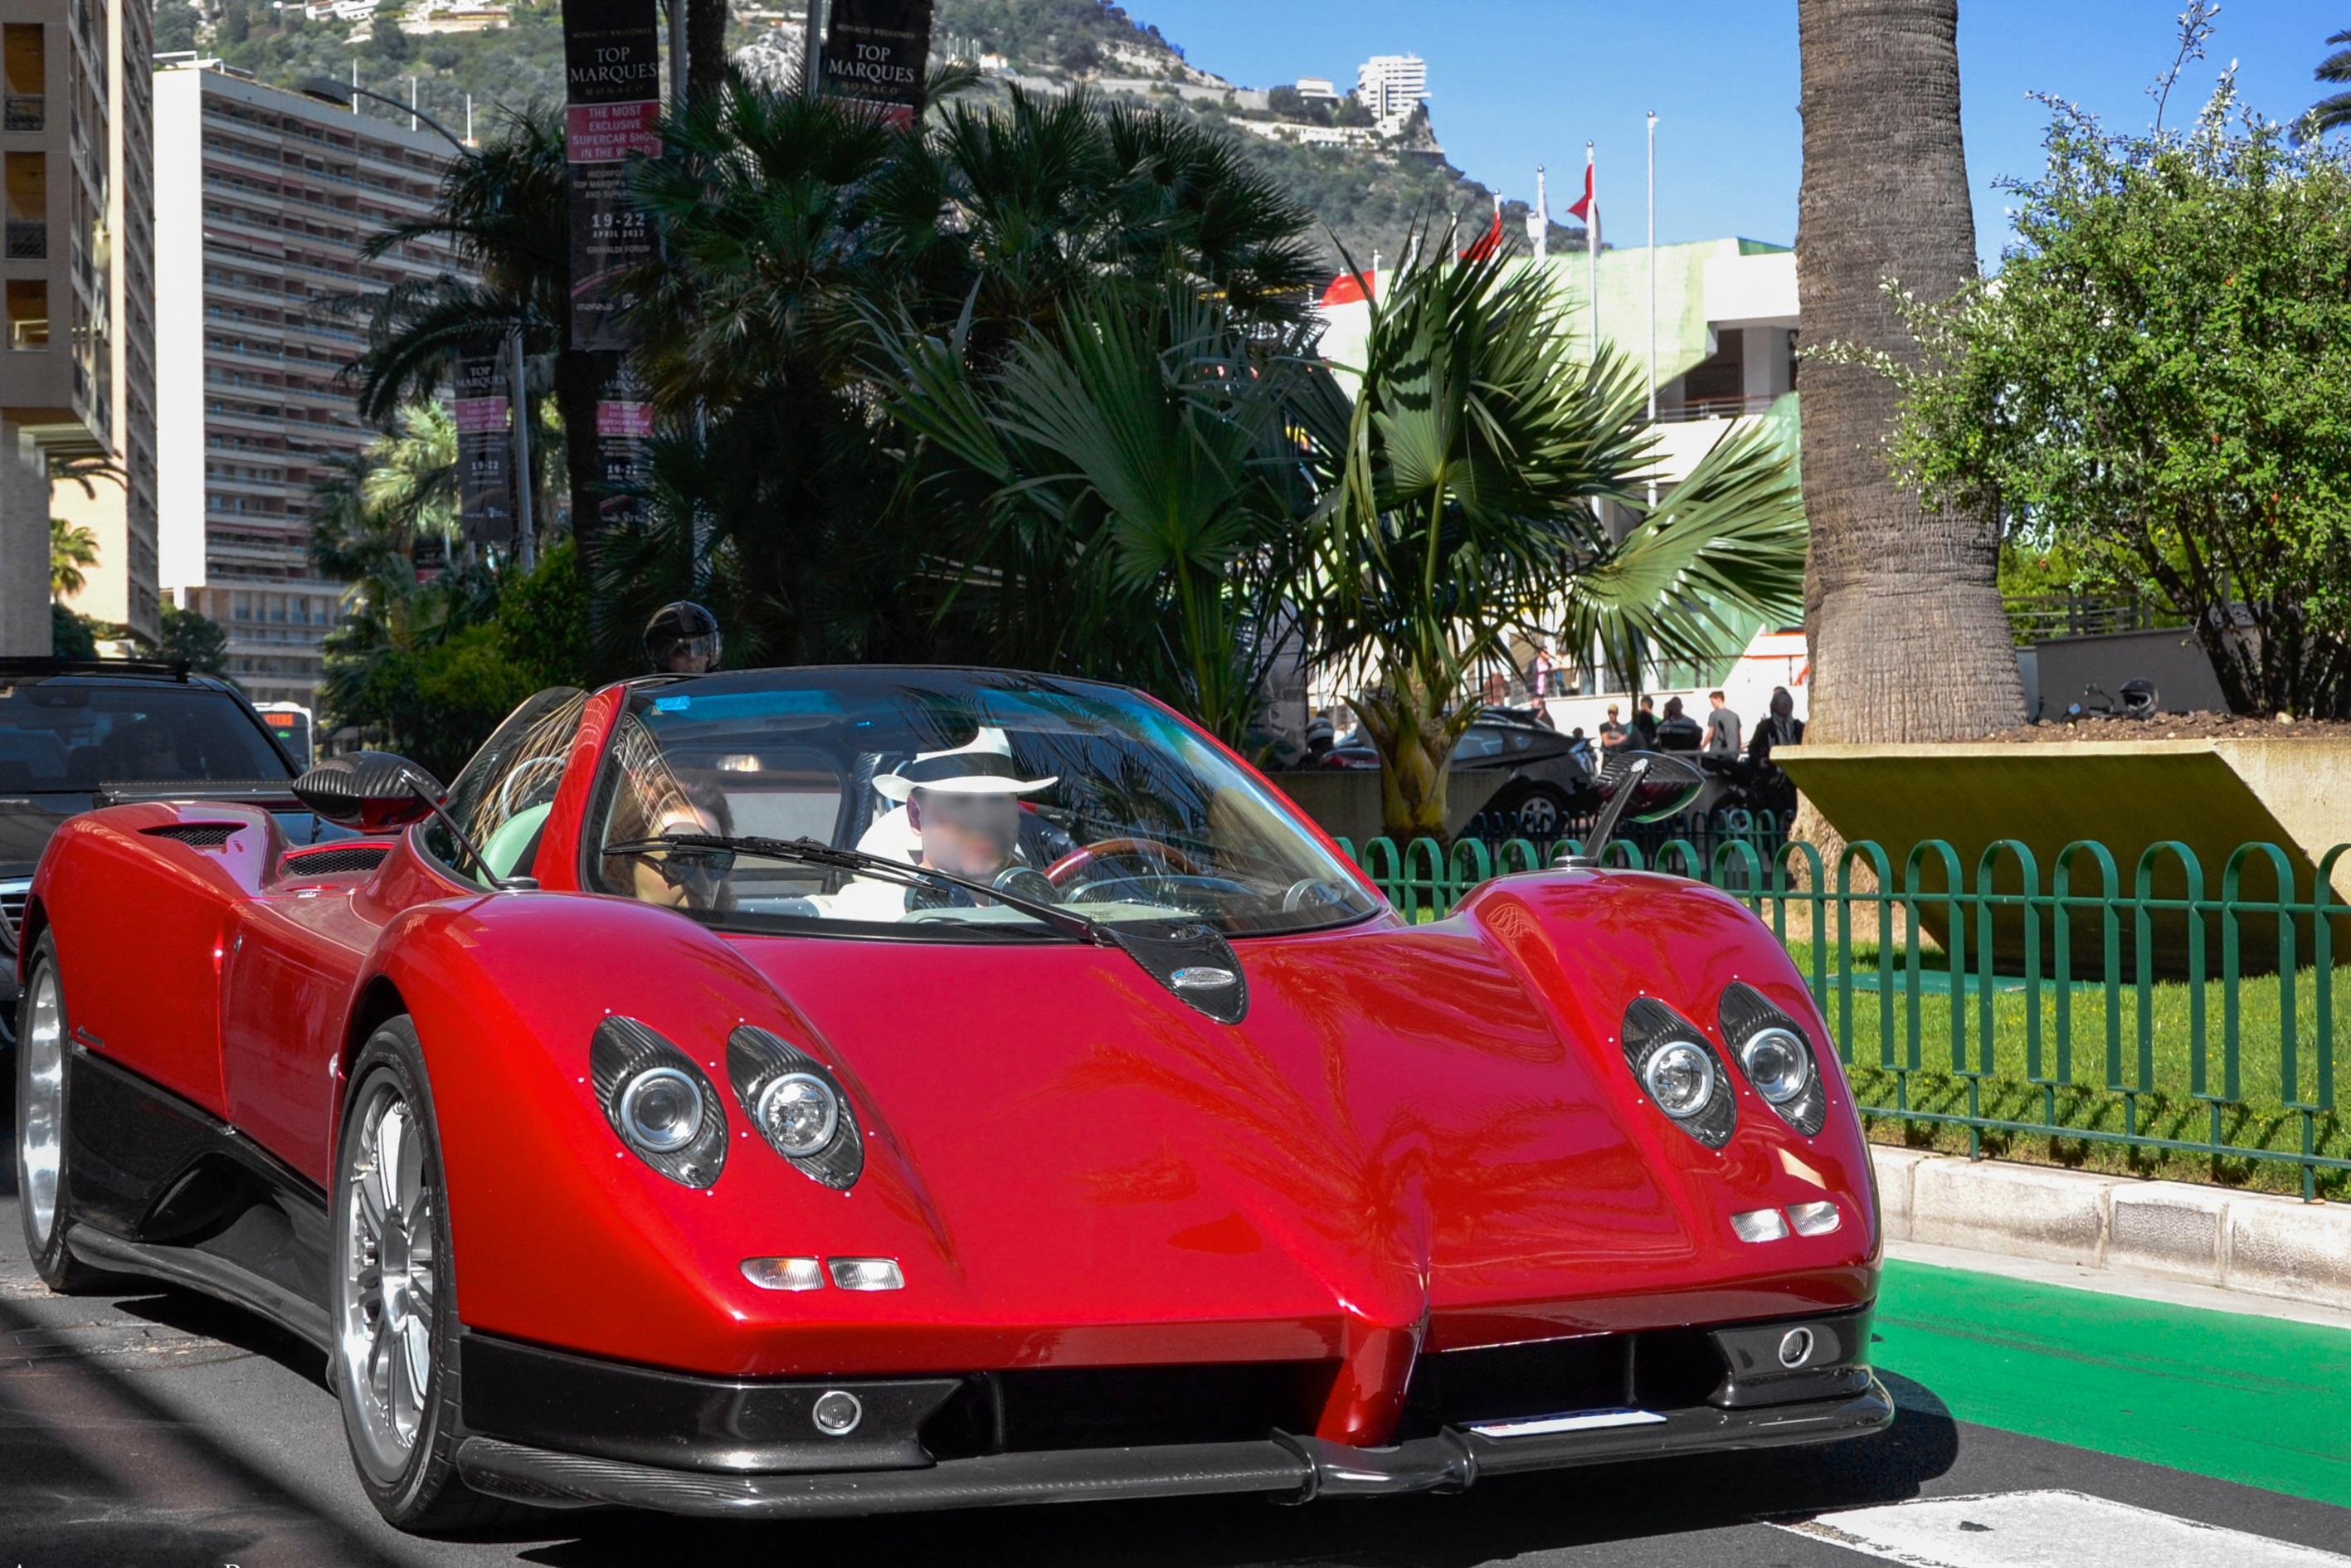 file:red pagani zonda roadster in monaco 2012 - wikimedia commons